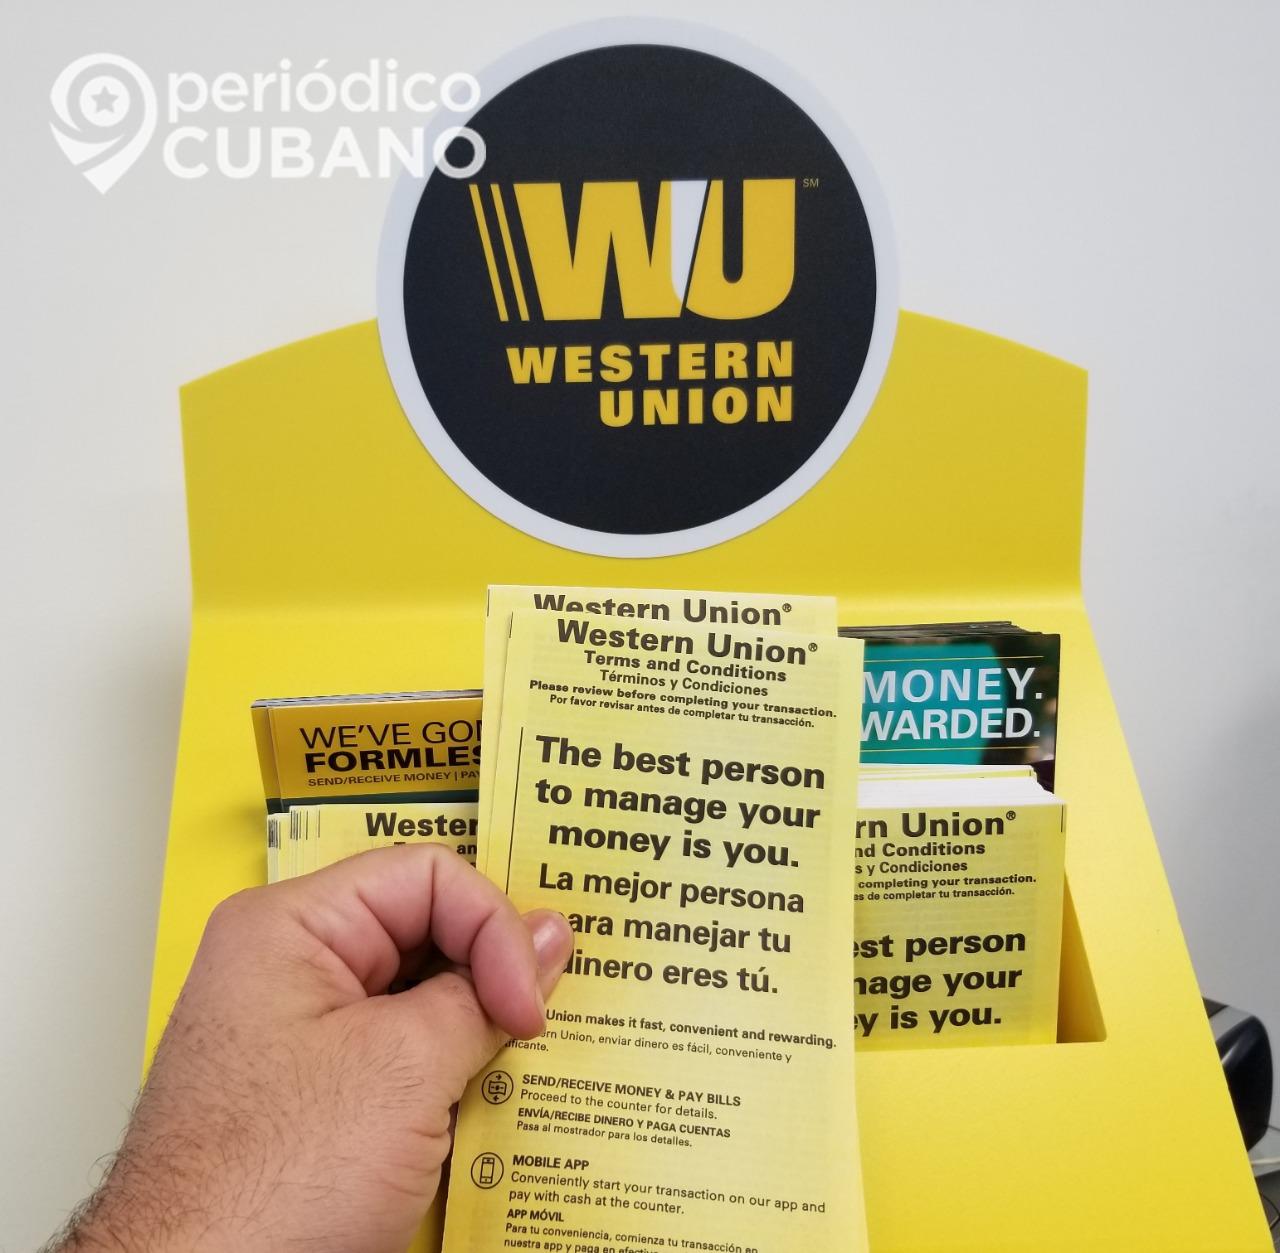 EEUU sanciona a FINCIMEX, encargada de manejar las remesas en Cuba vía Western Union